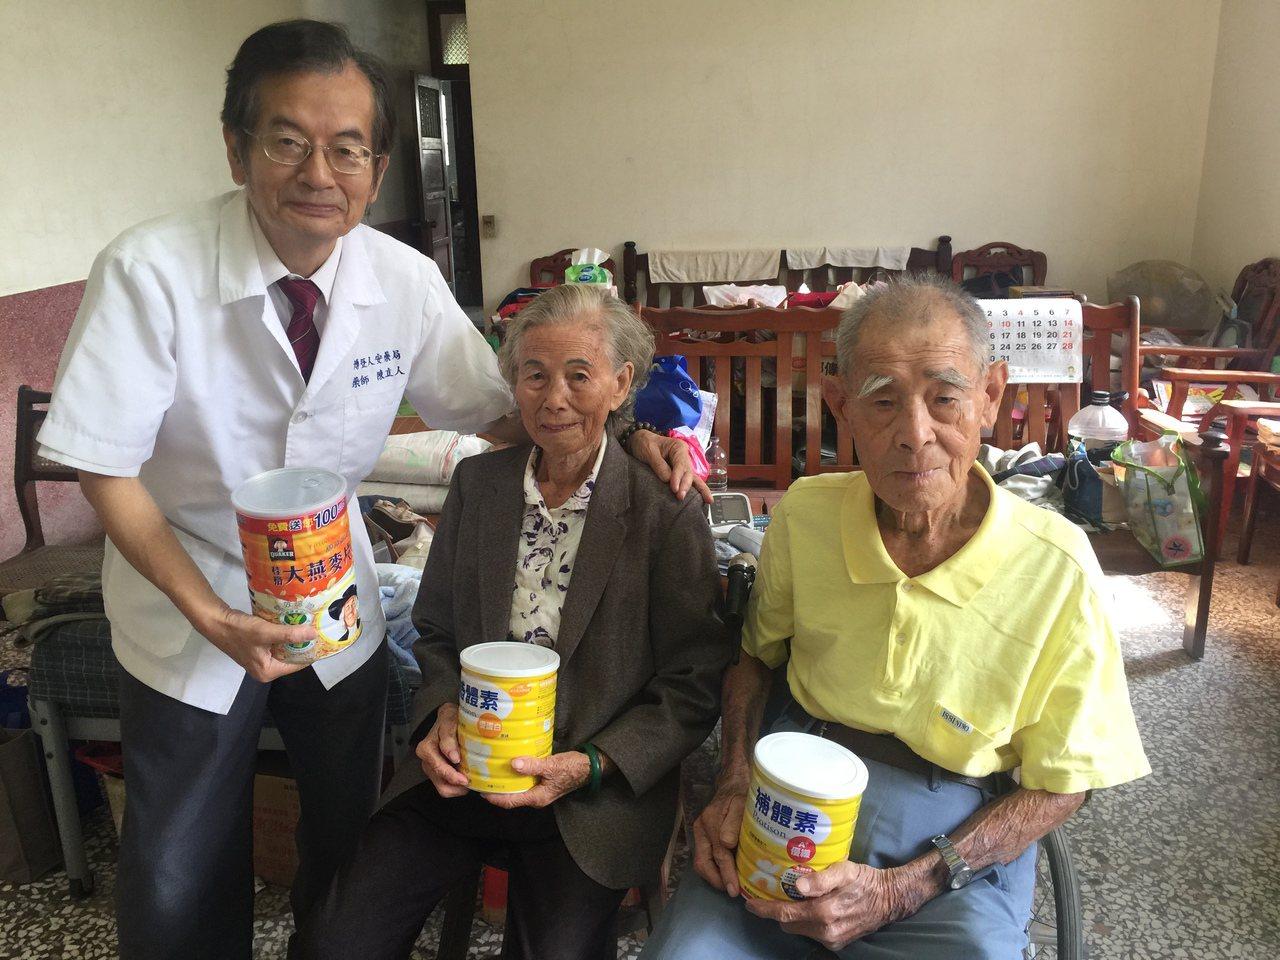 藥師陳立人(左一)拜訪同為96歲的李明山(右)、李黃春雪(左)夫婦。記者吳政修/...